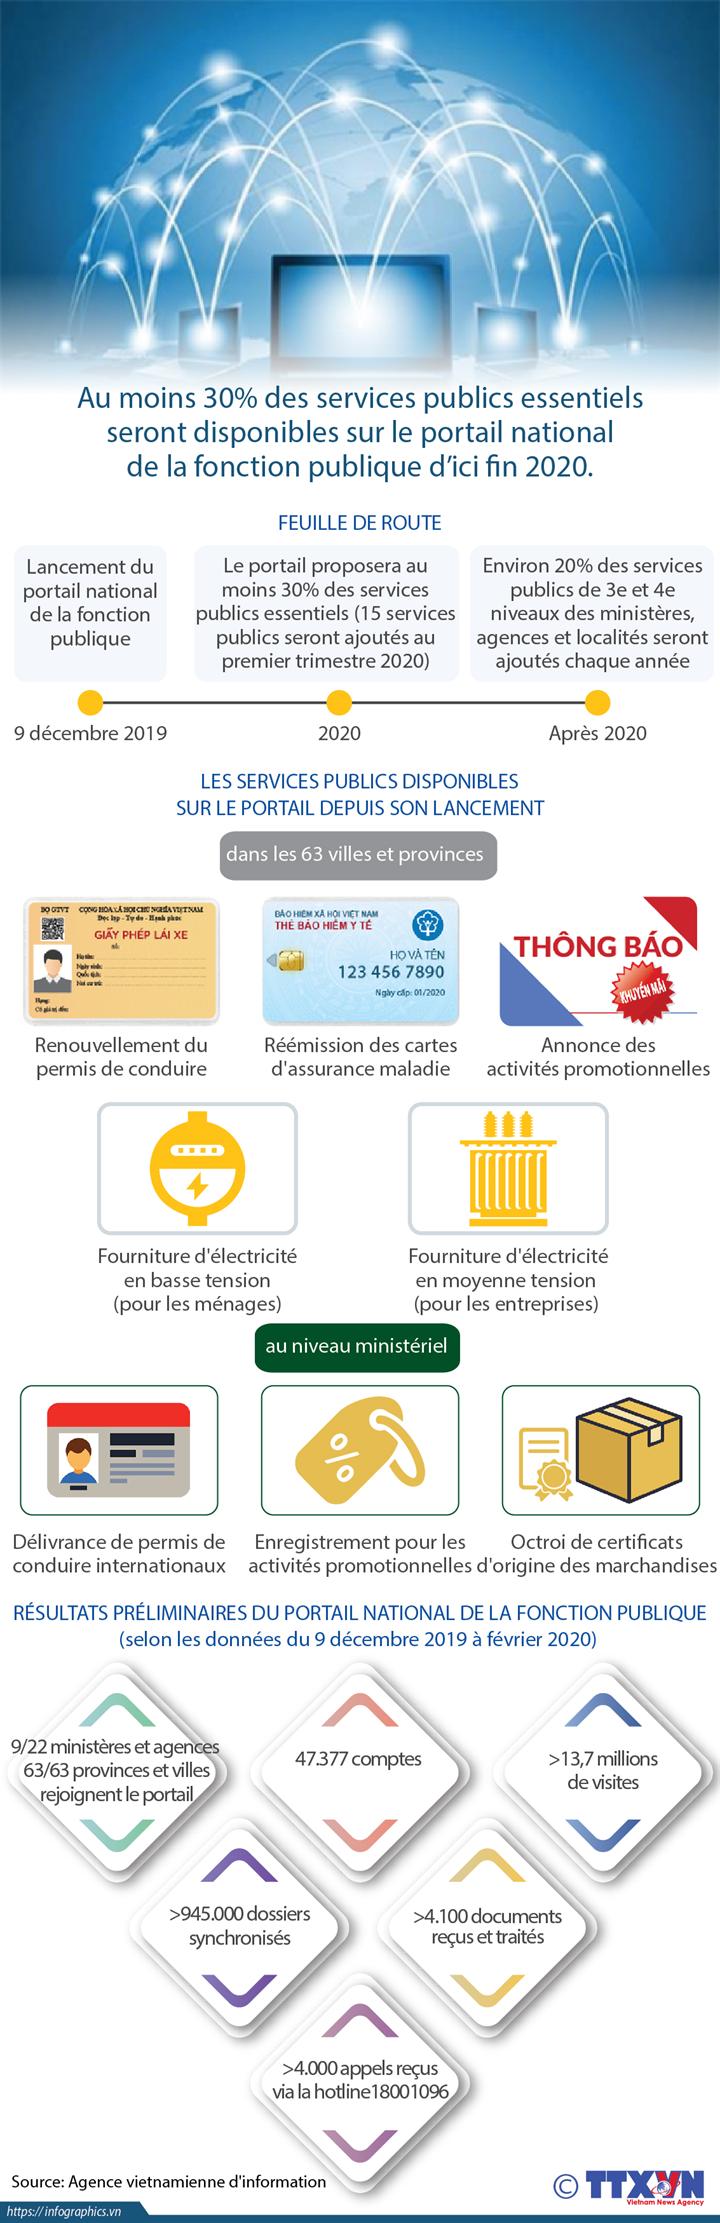 Résultats préliminaires du portail national de la fonction publique